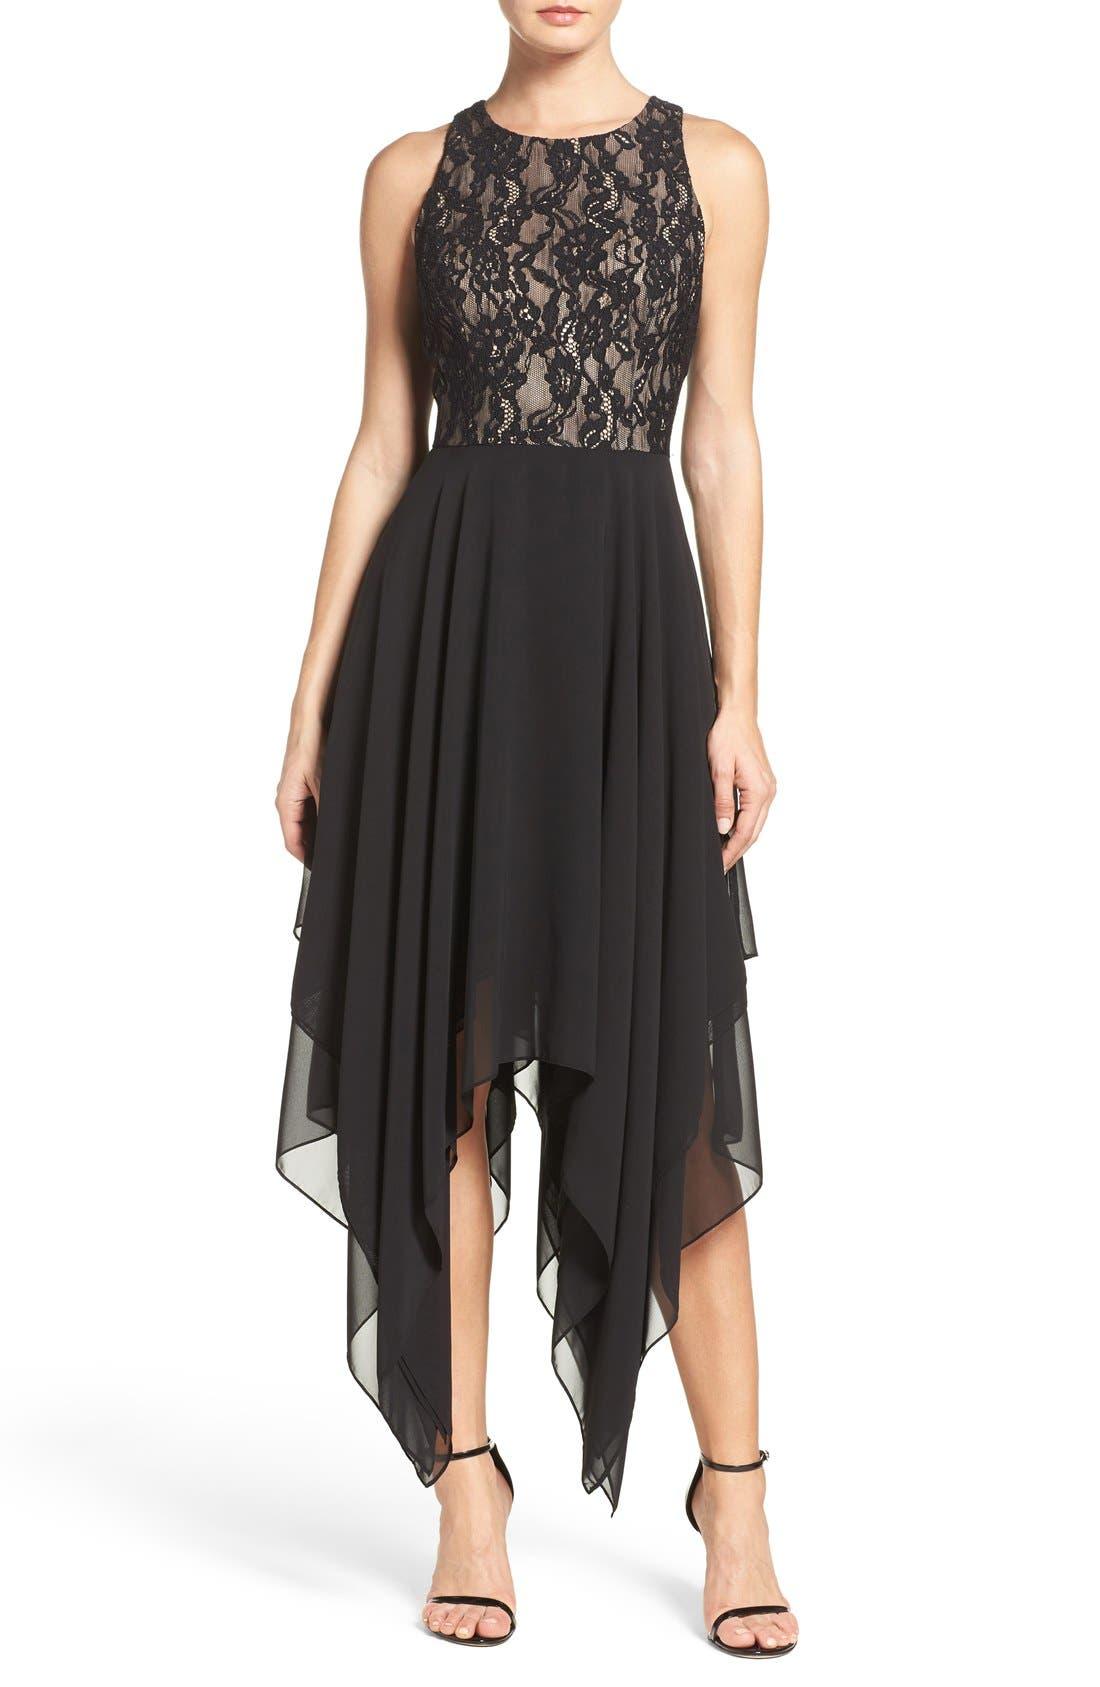 Alternate Image 1 Selected - Aidan by Aidan Mattox Lace & Chiffon Midi Dress